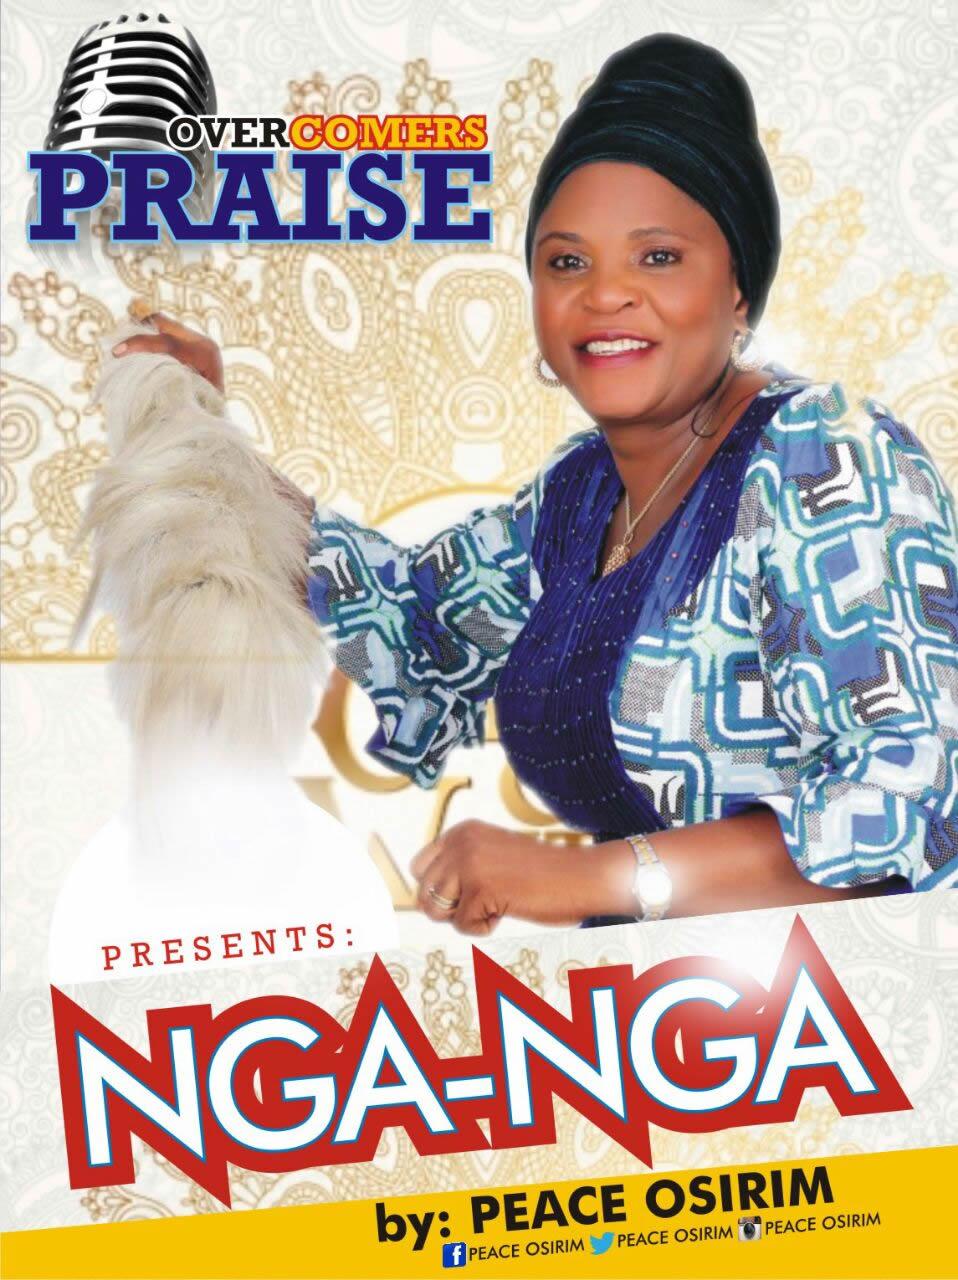 Peace Osirim – NGA-NGA